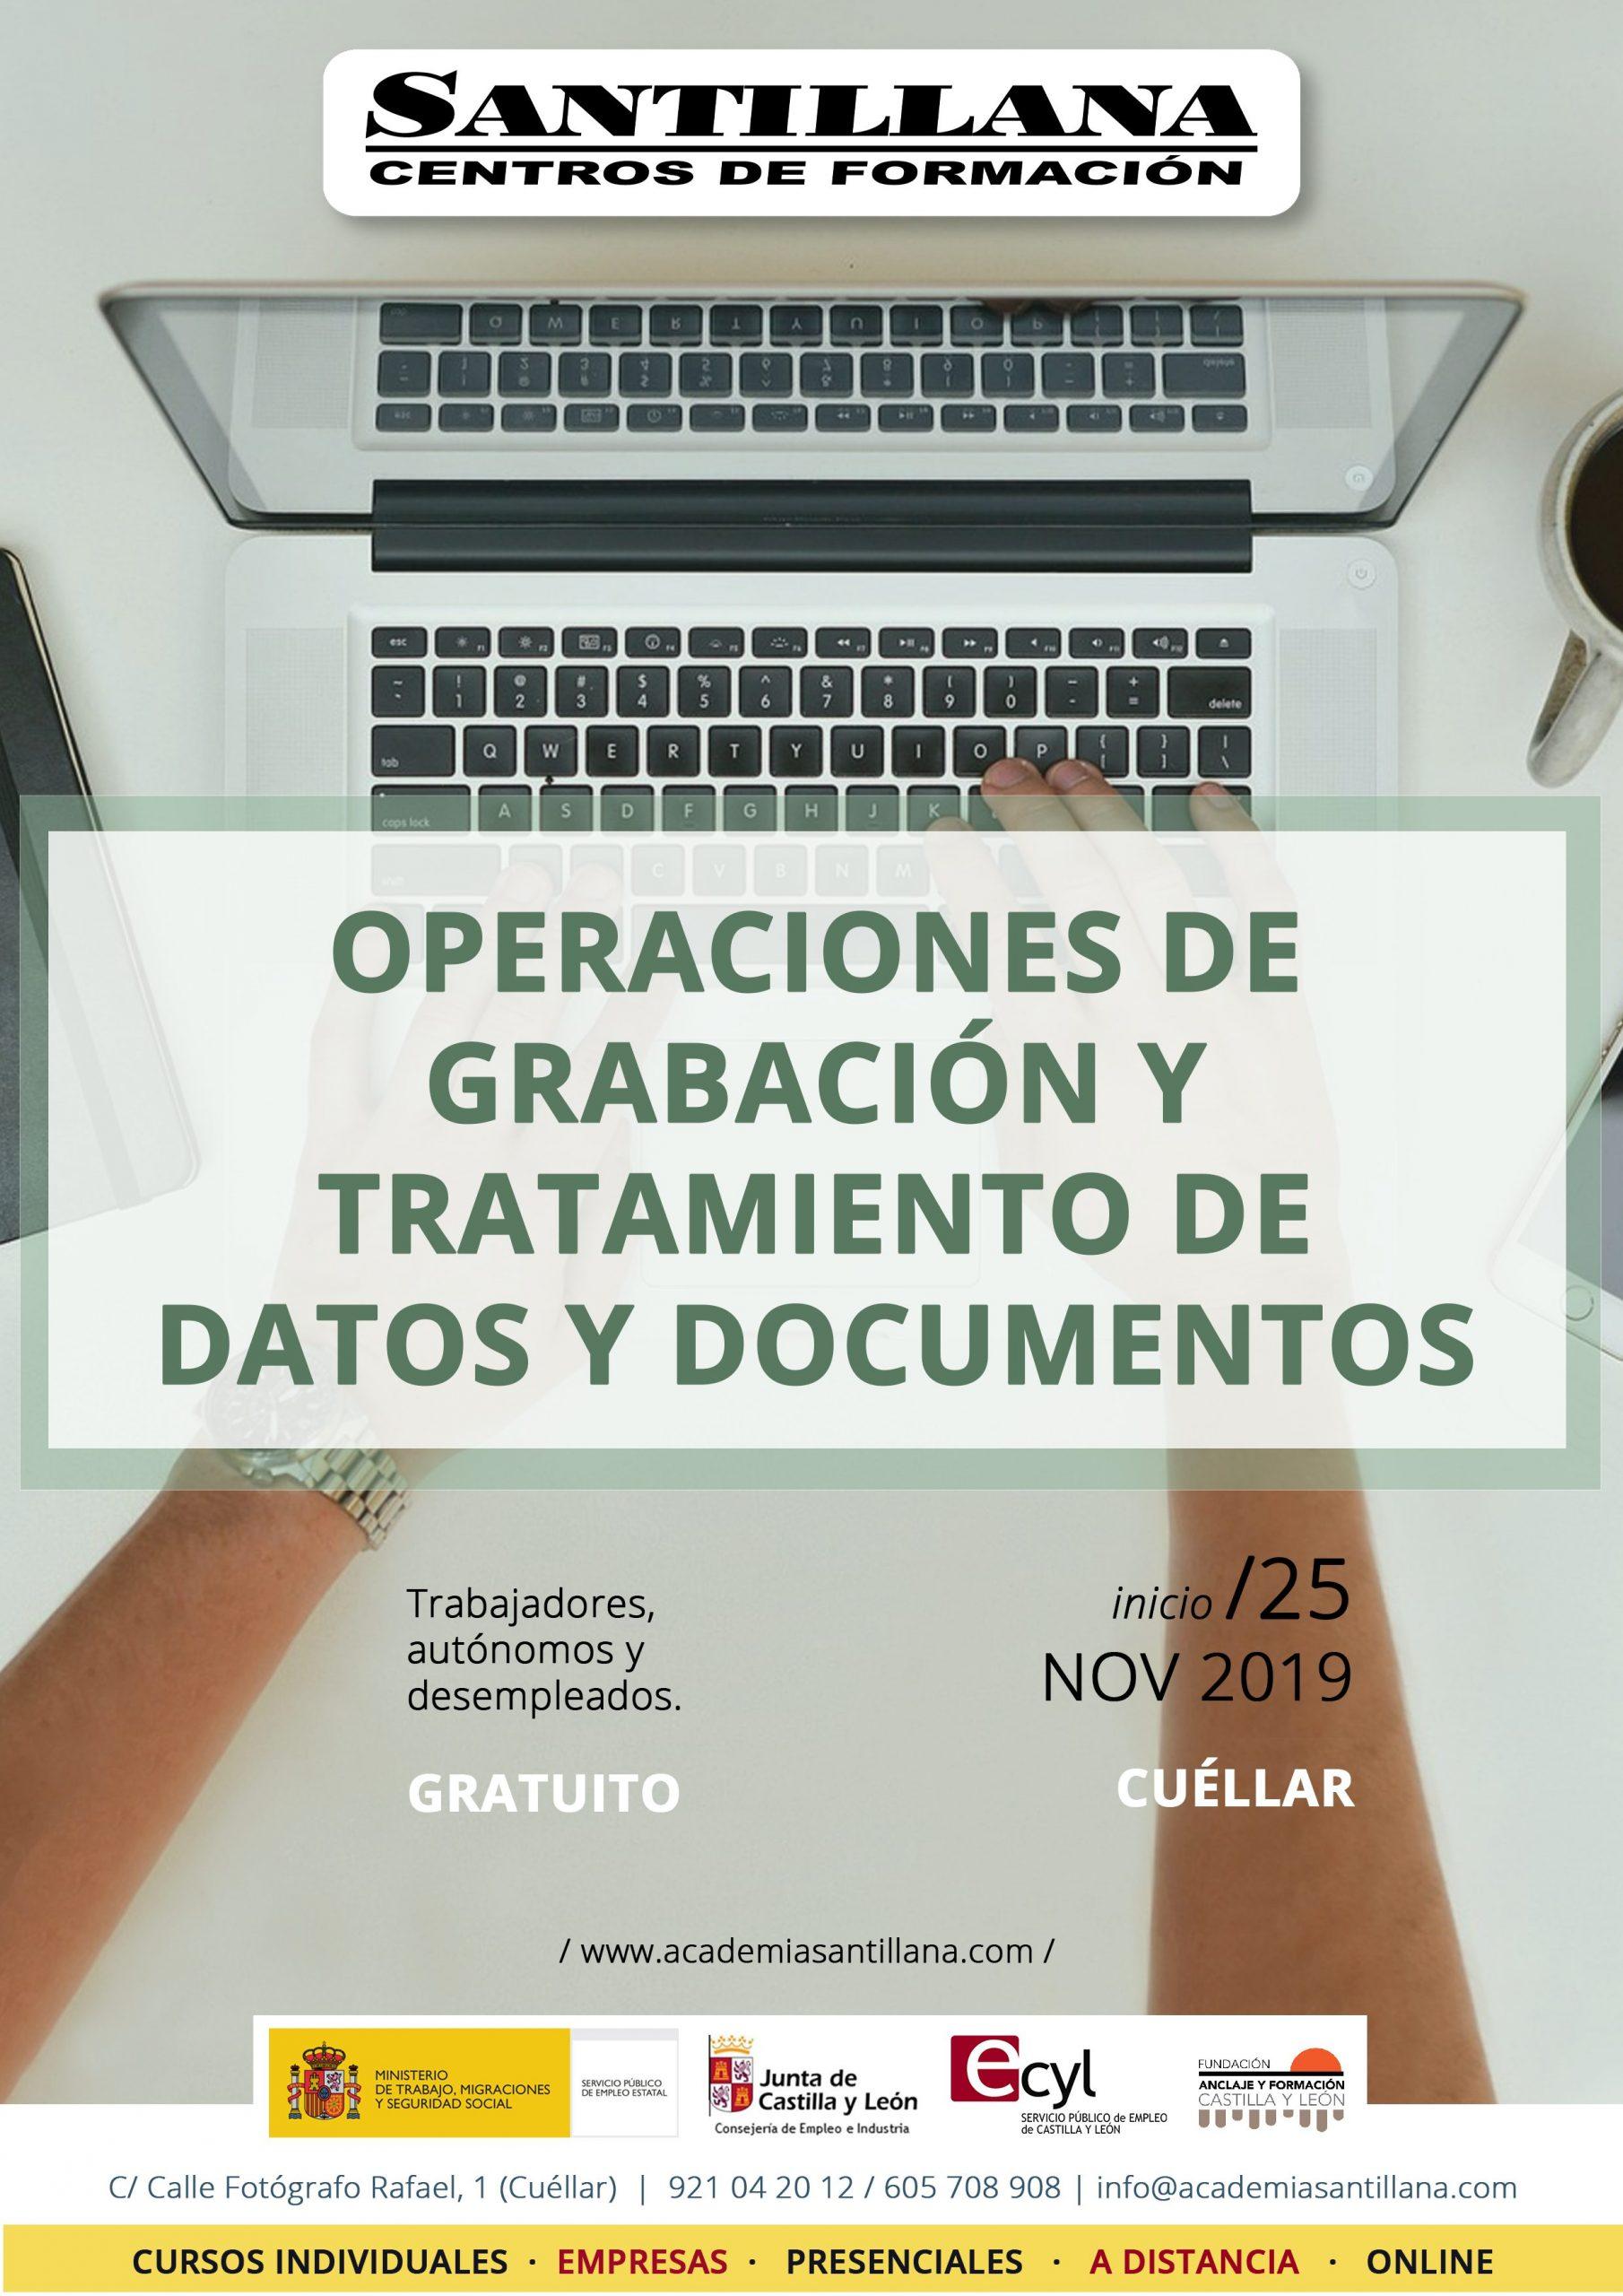 Curso de Operaciones de Grabación y Tratamiento de Datos y Documentos Santillana Formación Cuéllar